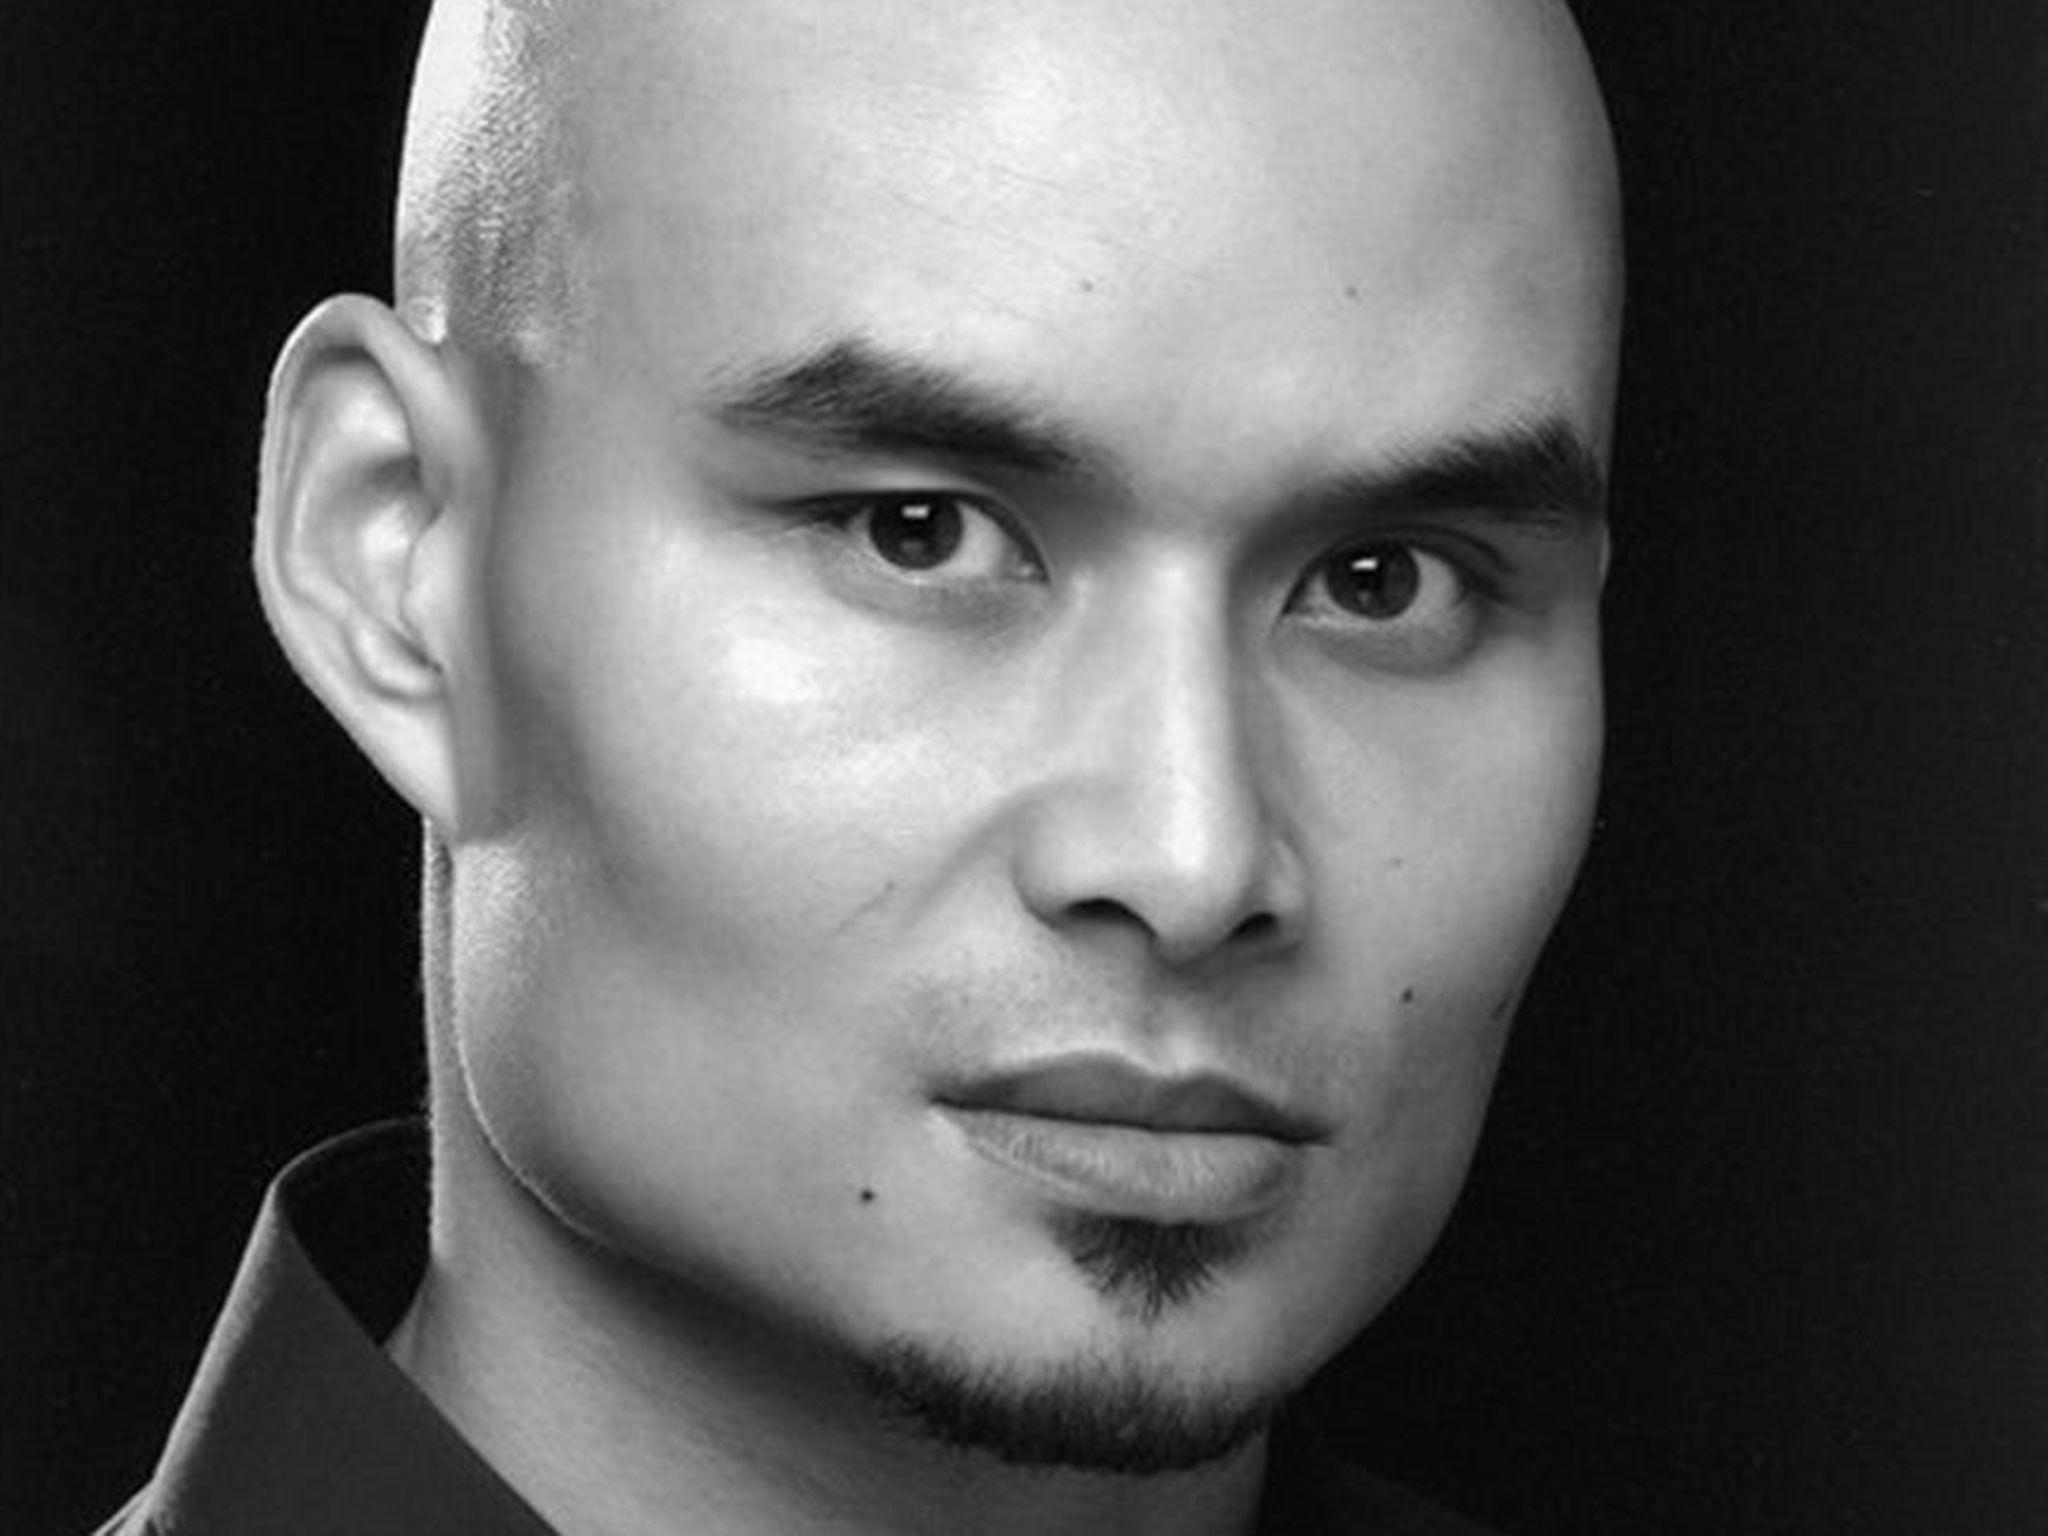 Morto Khan Bonfils di Star Wars: l'attore si è accasciato sul palco